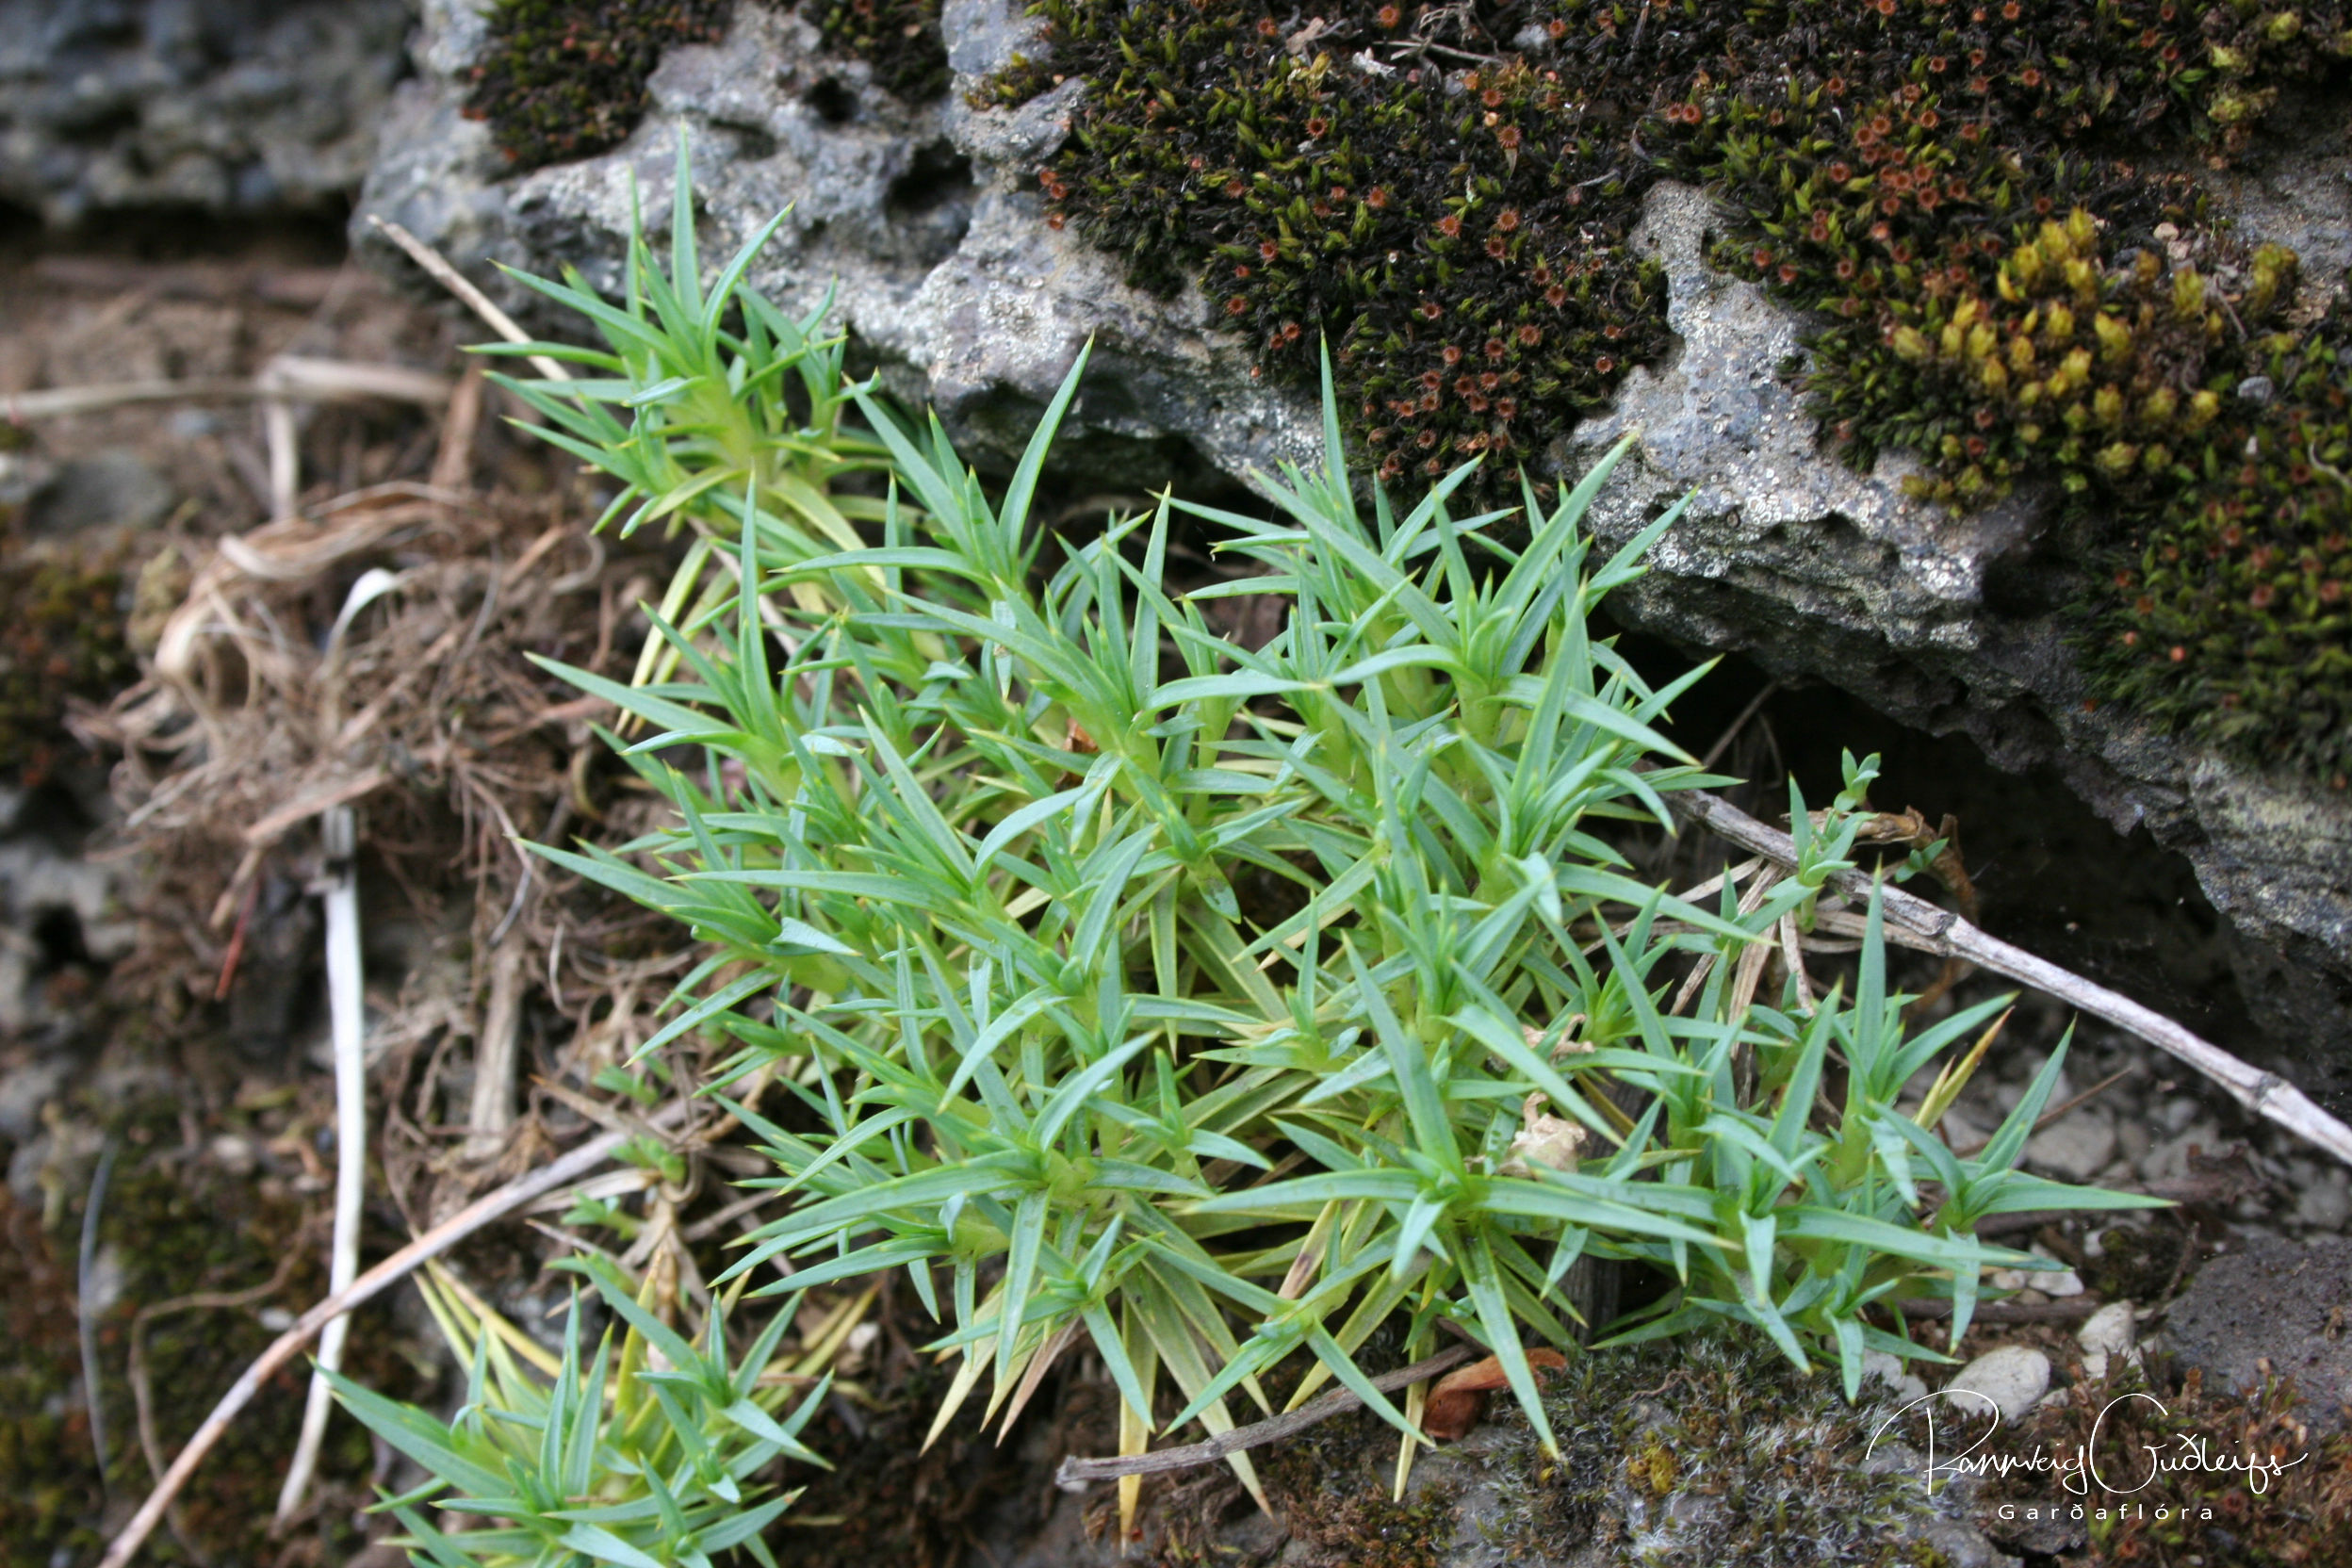 Dianthus erinaceus